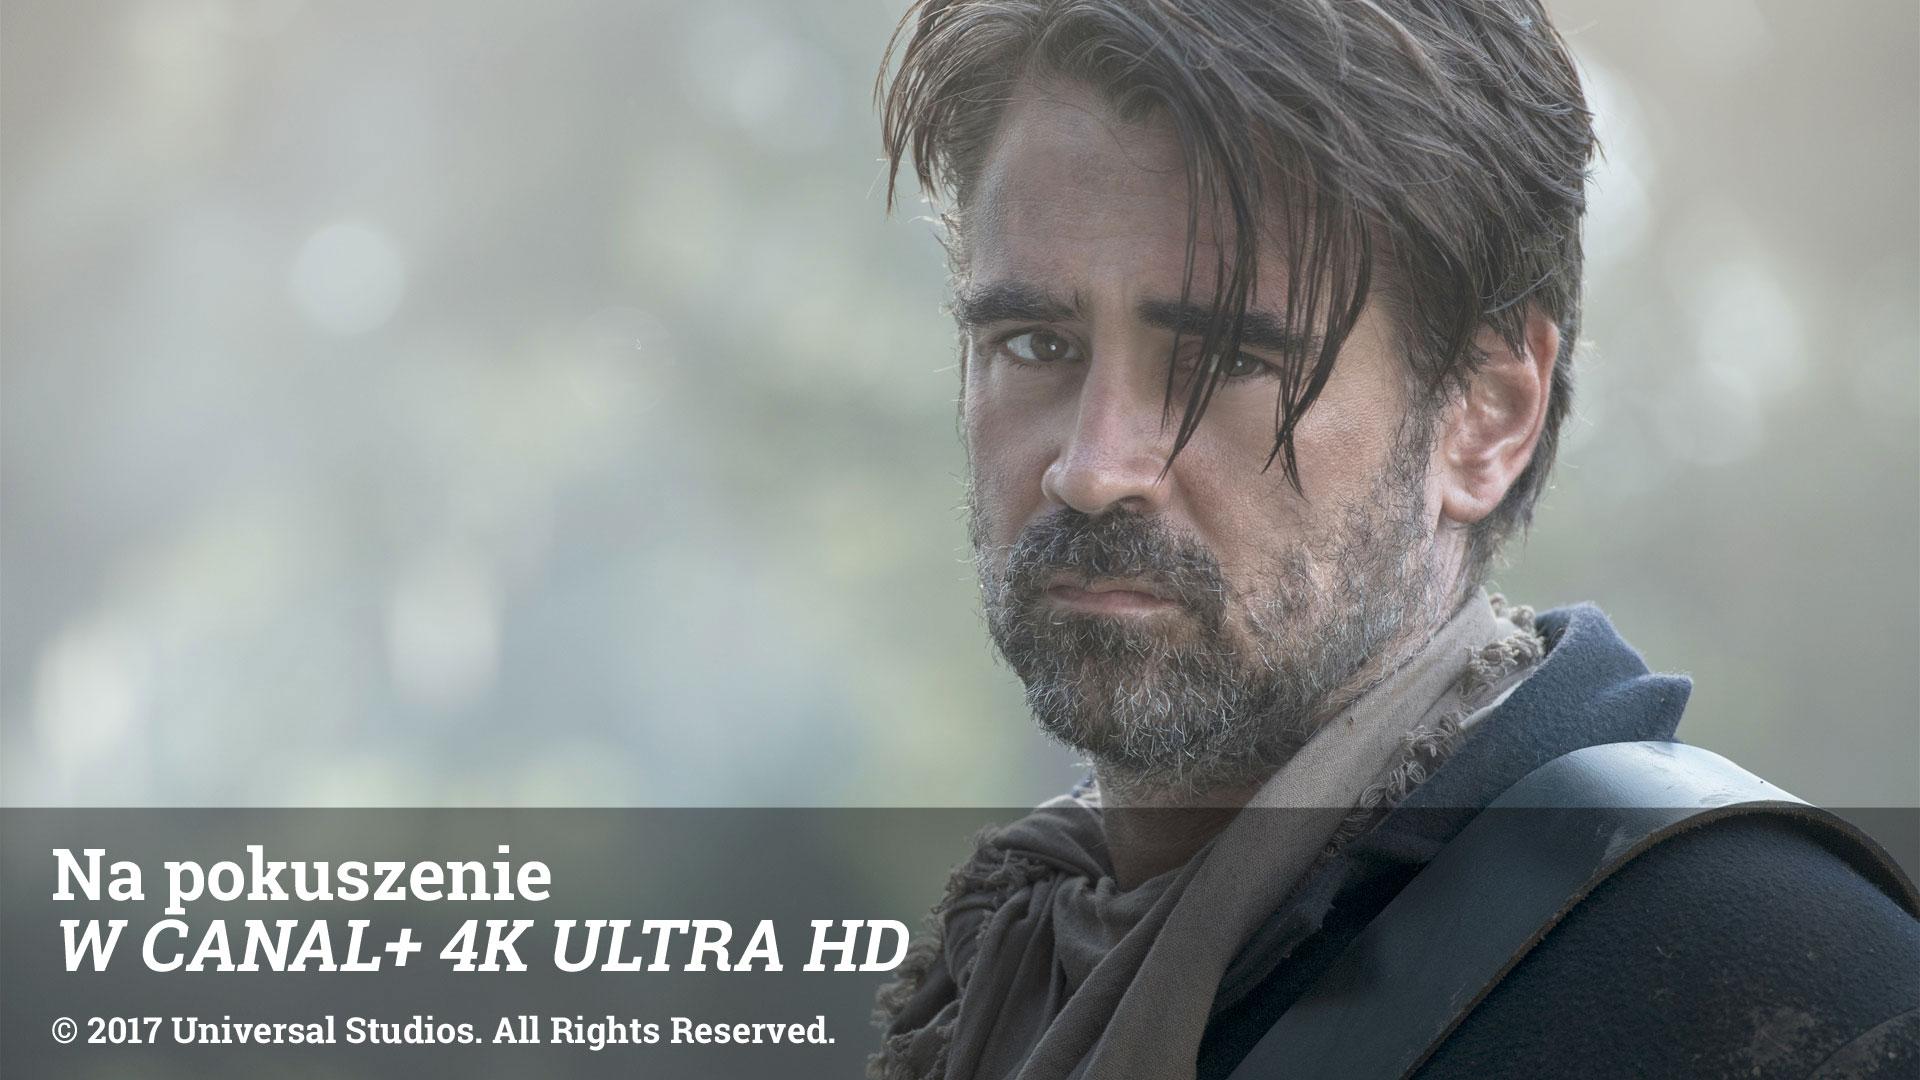 Na pokuszenie W CANAL+ 4K ULTRA HD